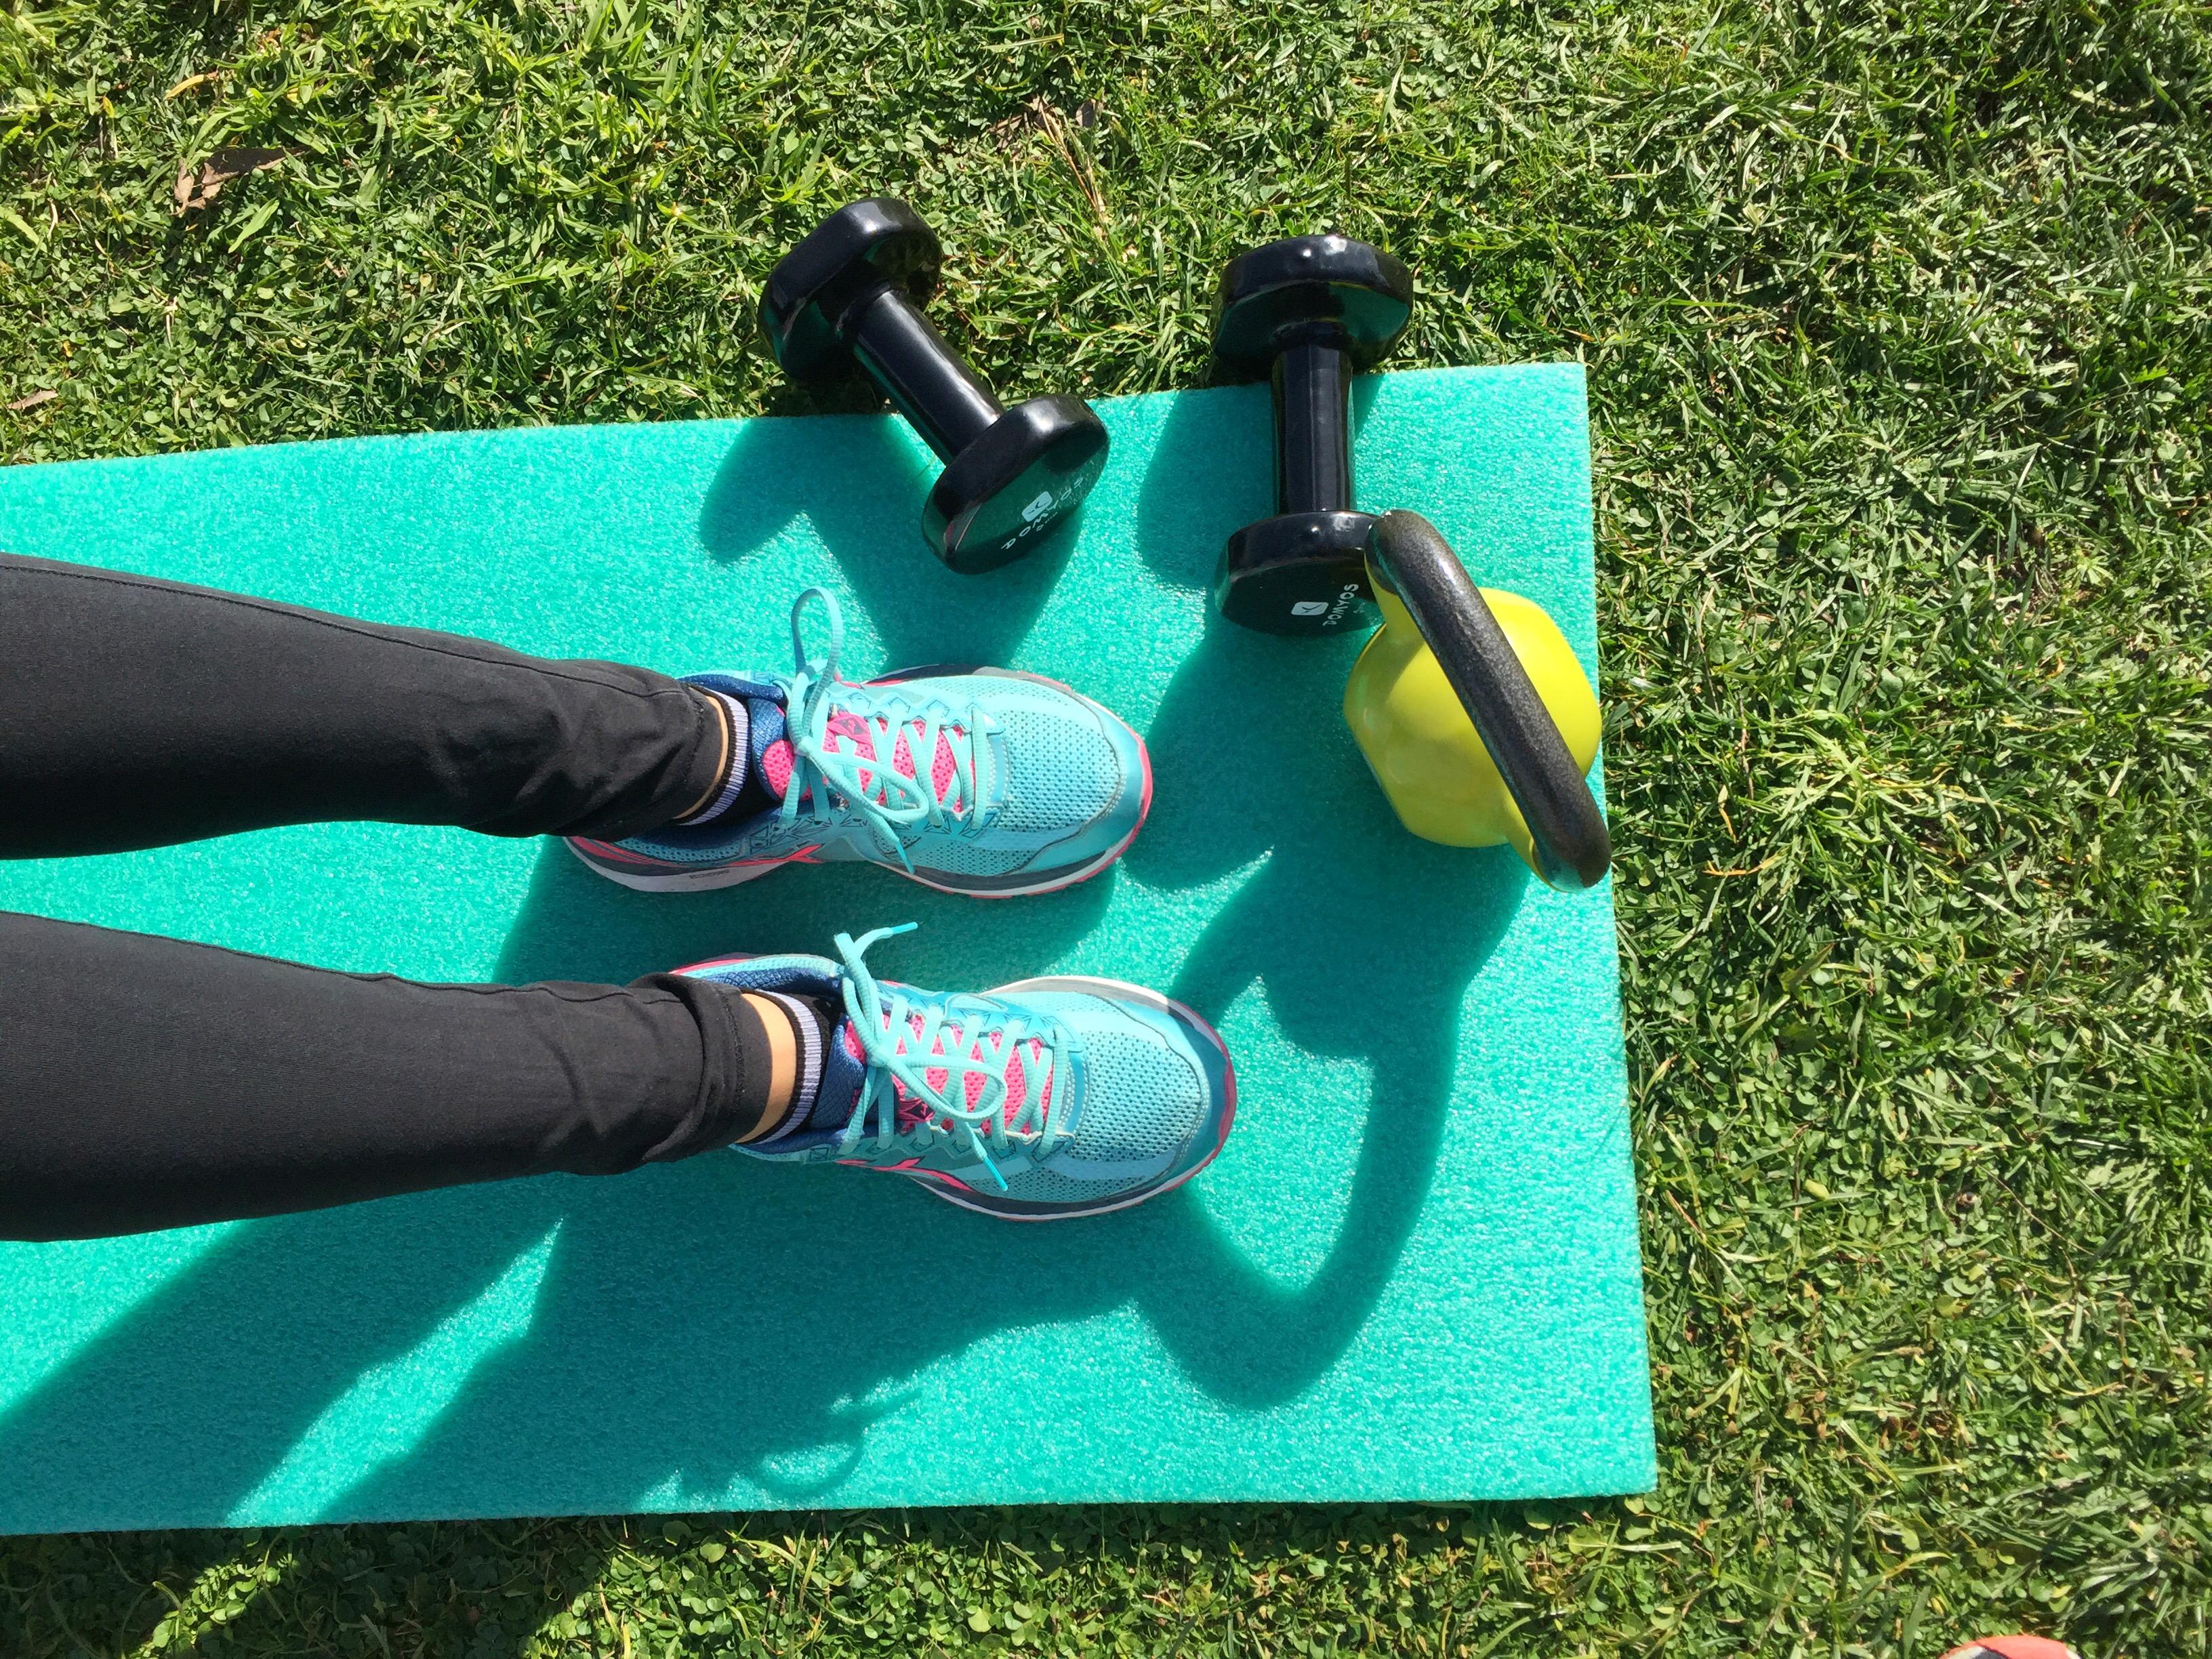 Fazer exercício: de manhã, tarde ou noite?